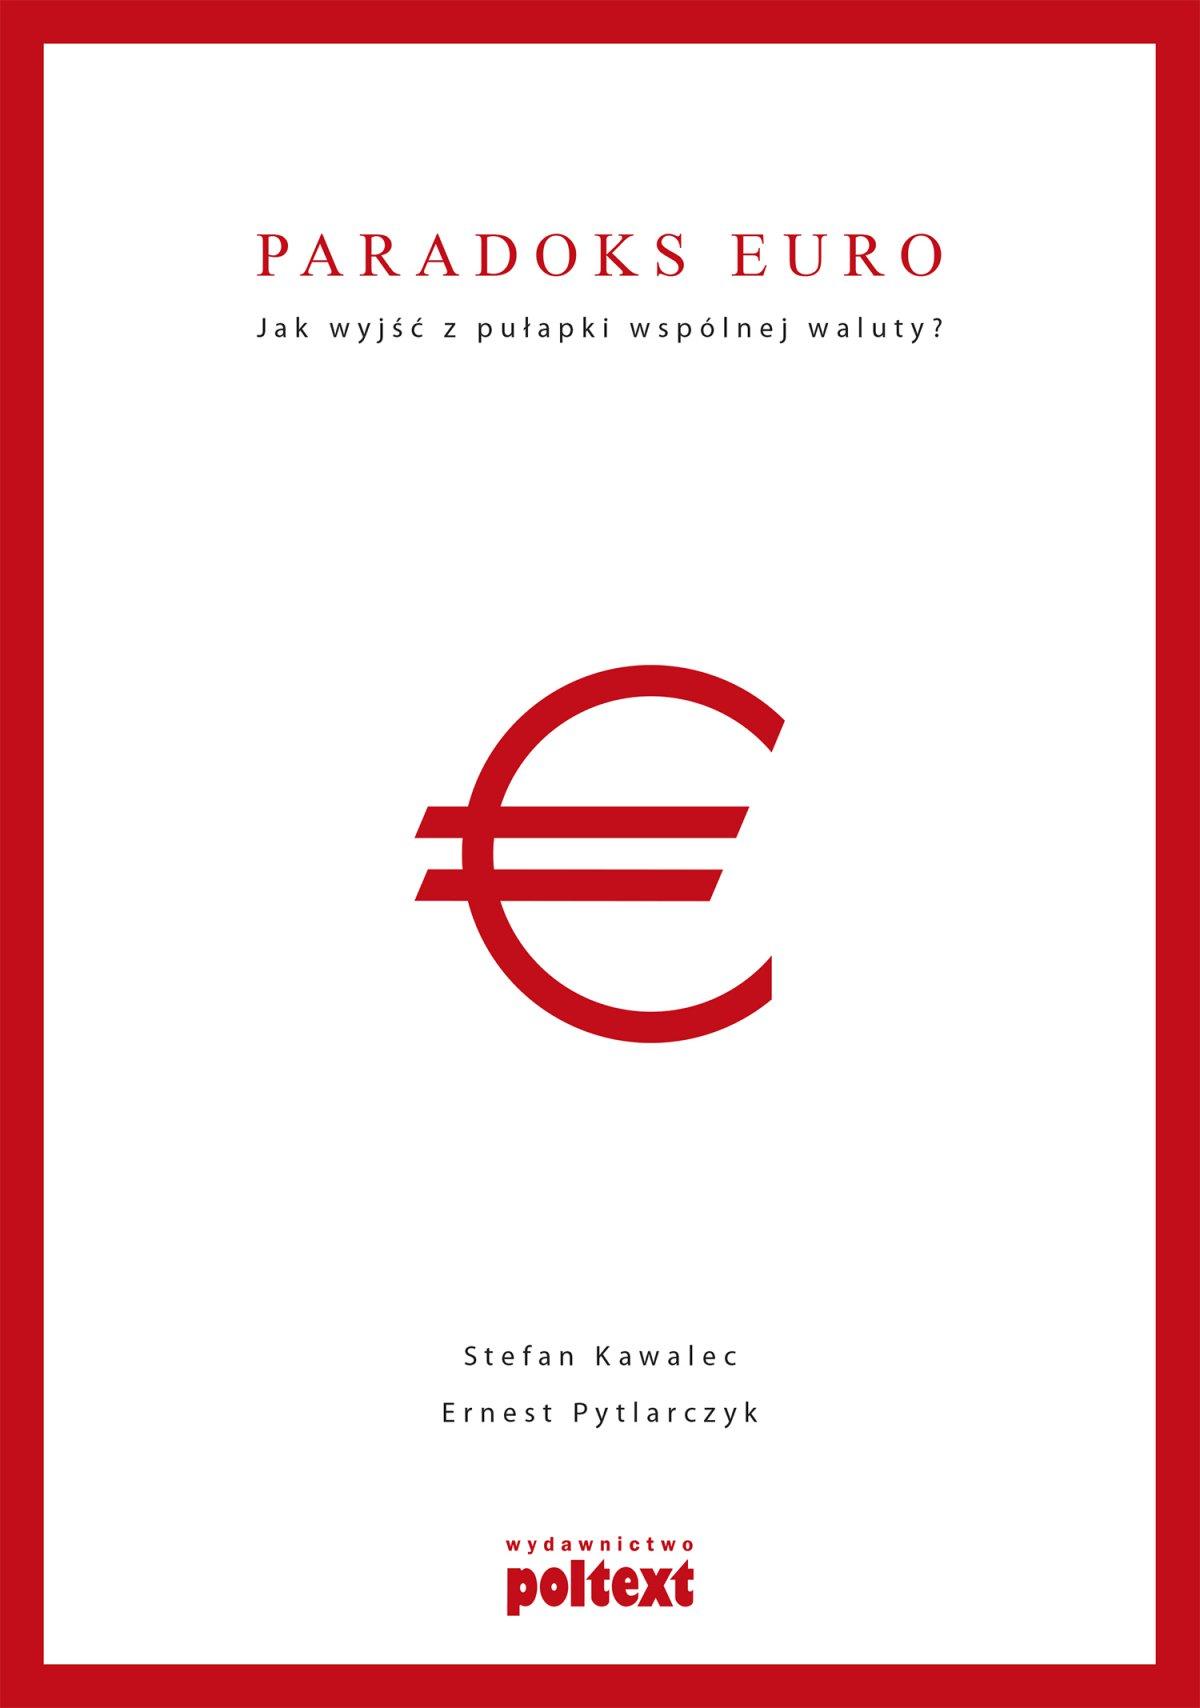 Paradoks euro Jak wyjść z pułapki wspólnej waluty? - Ebook (Książka na Kindle) do pobrania w formacie MOBI